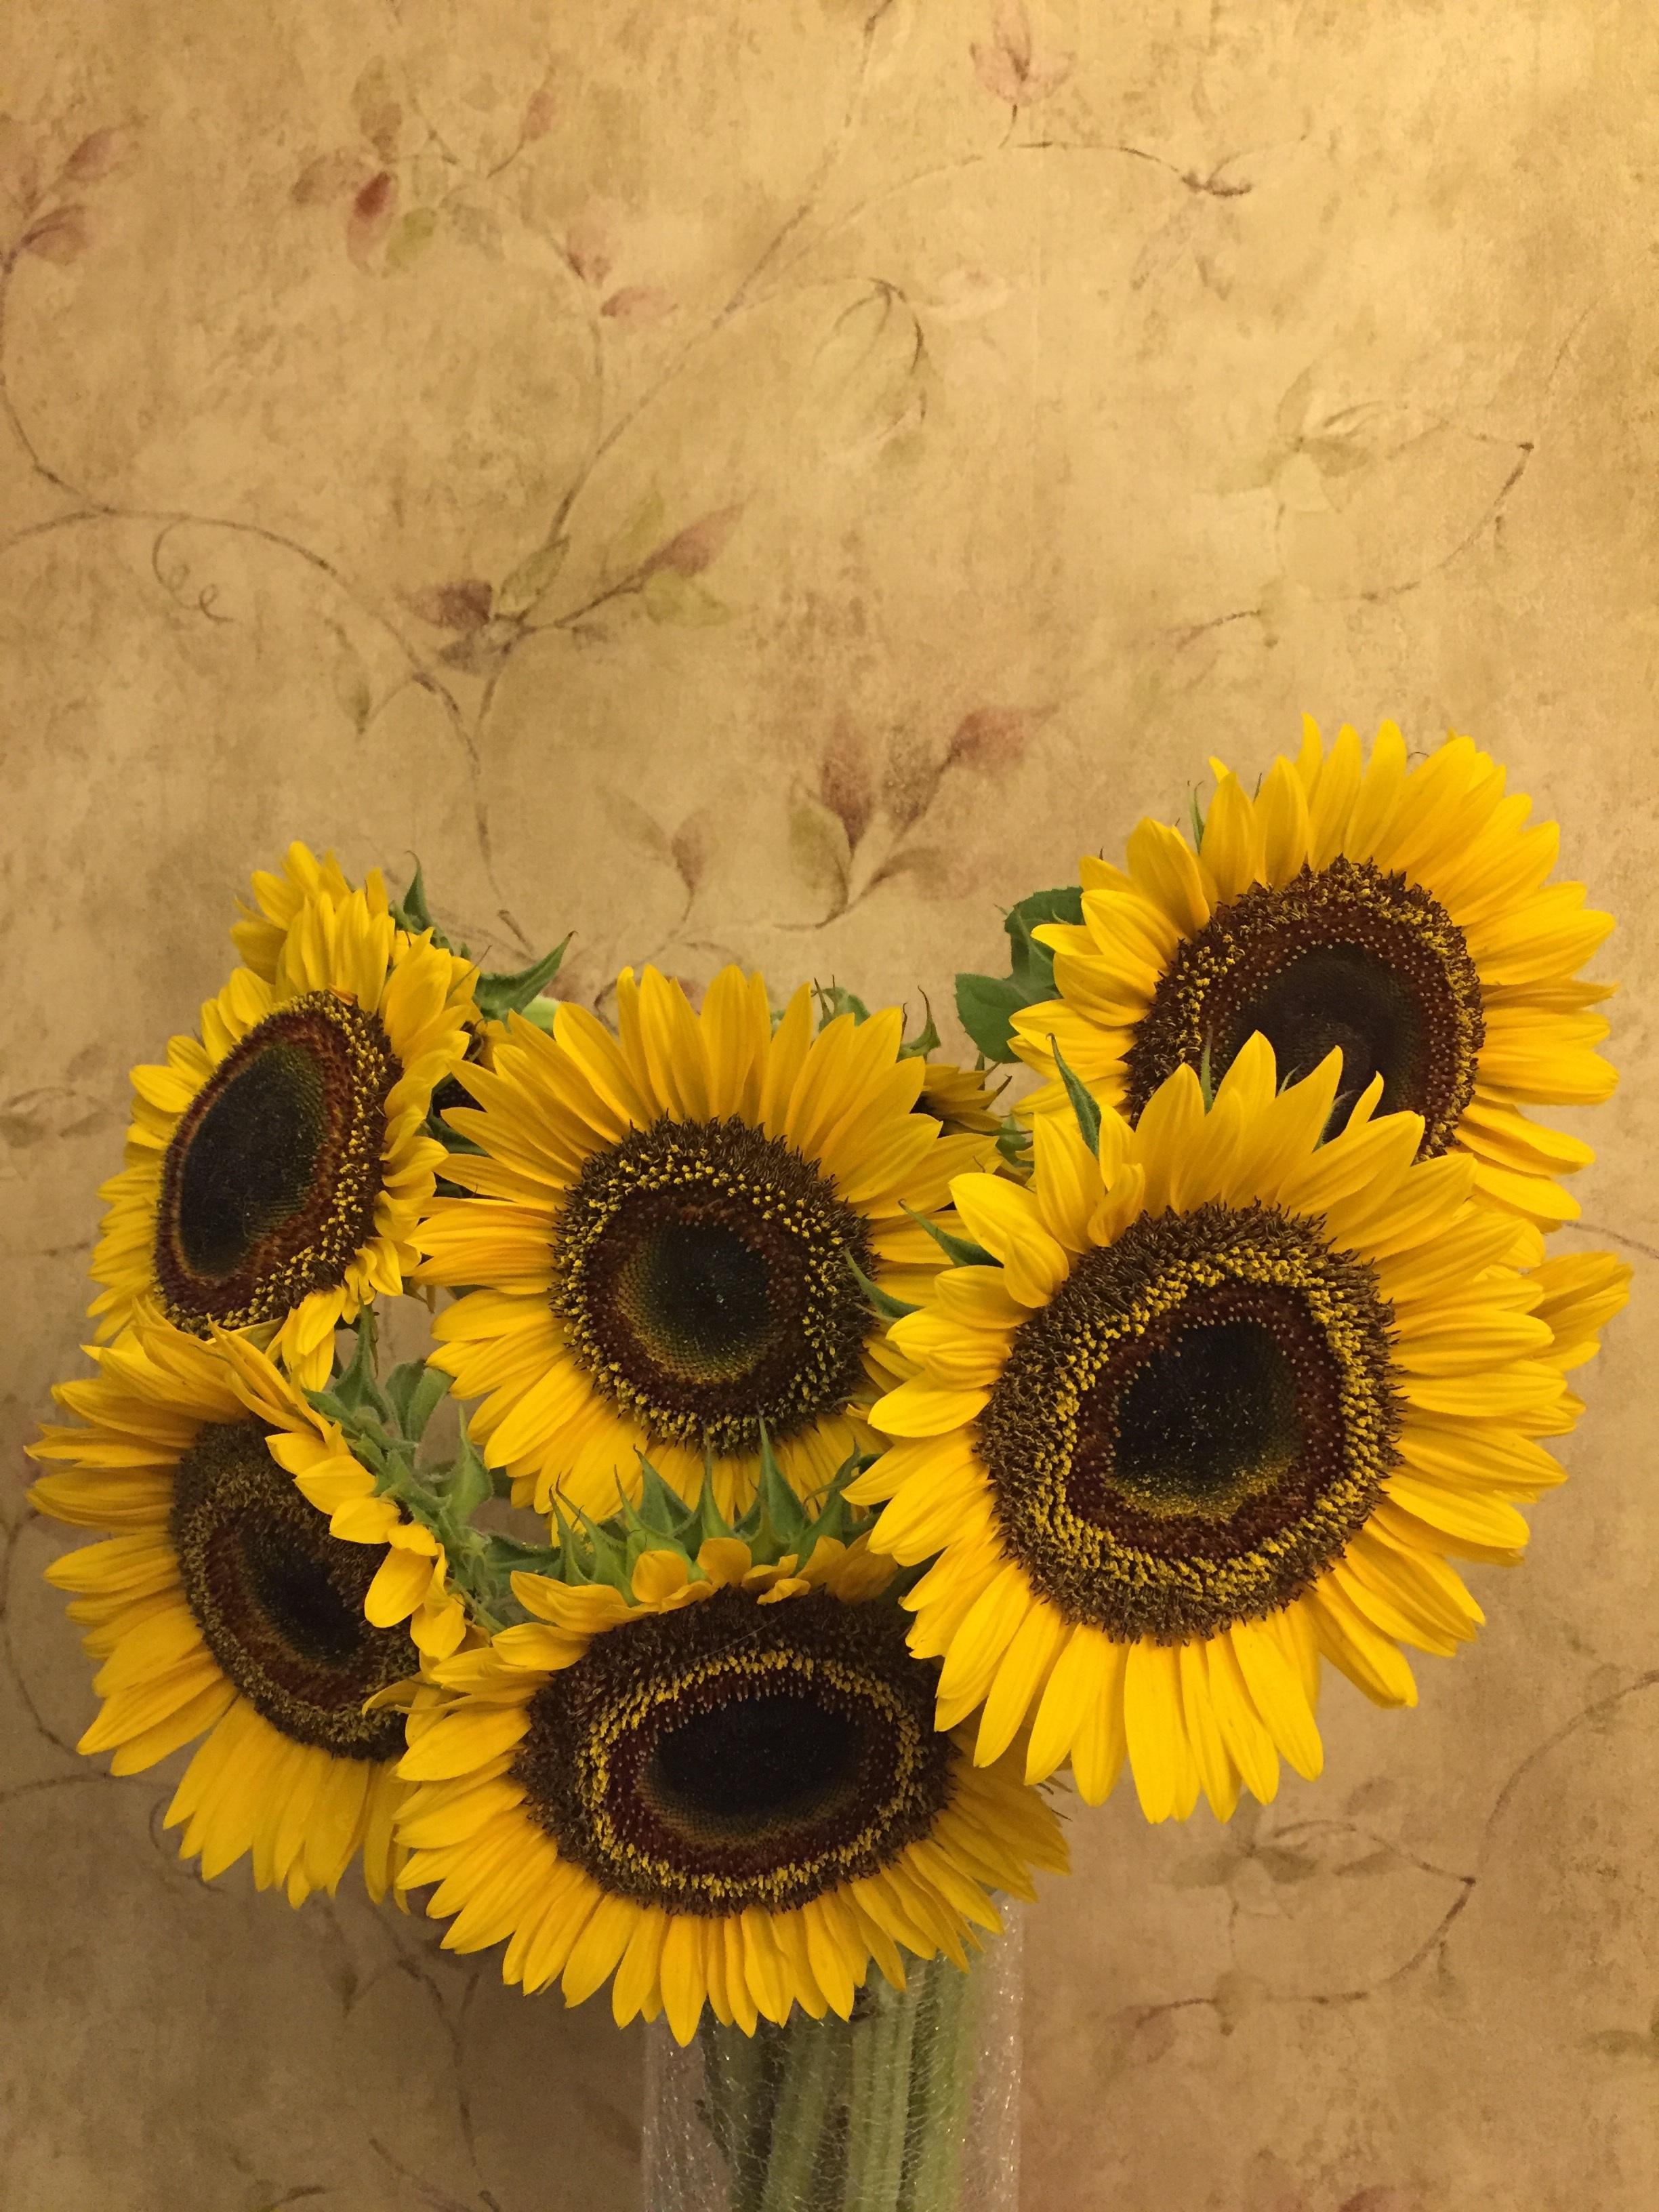 images gratuites : fleur, bouquet, vase, jaune, plante à fleurs